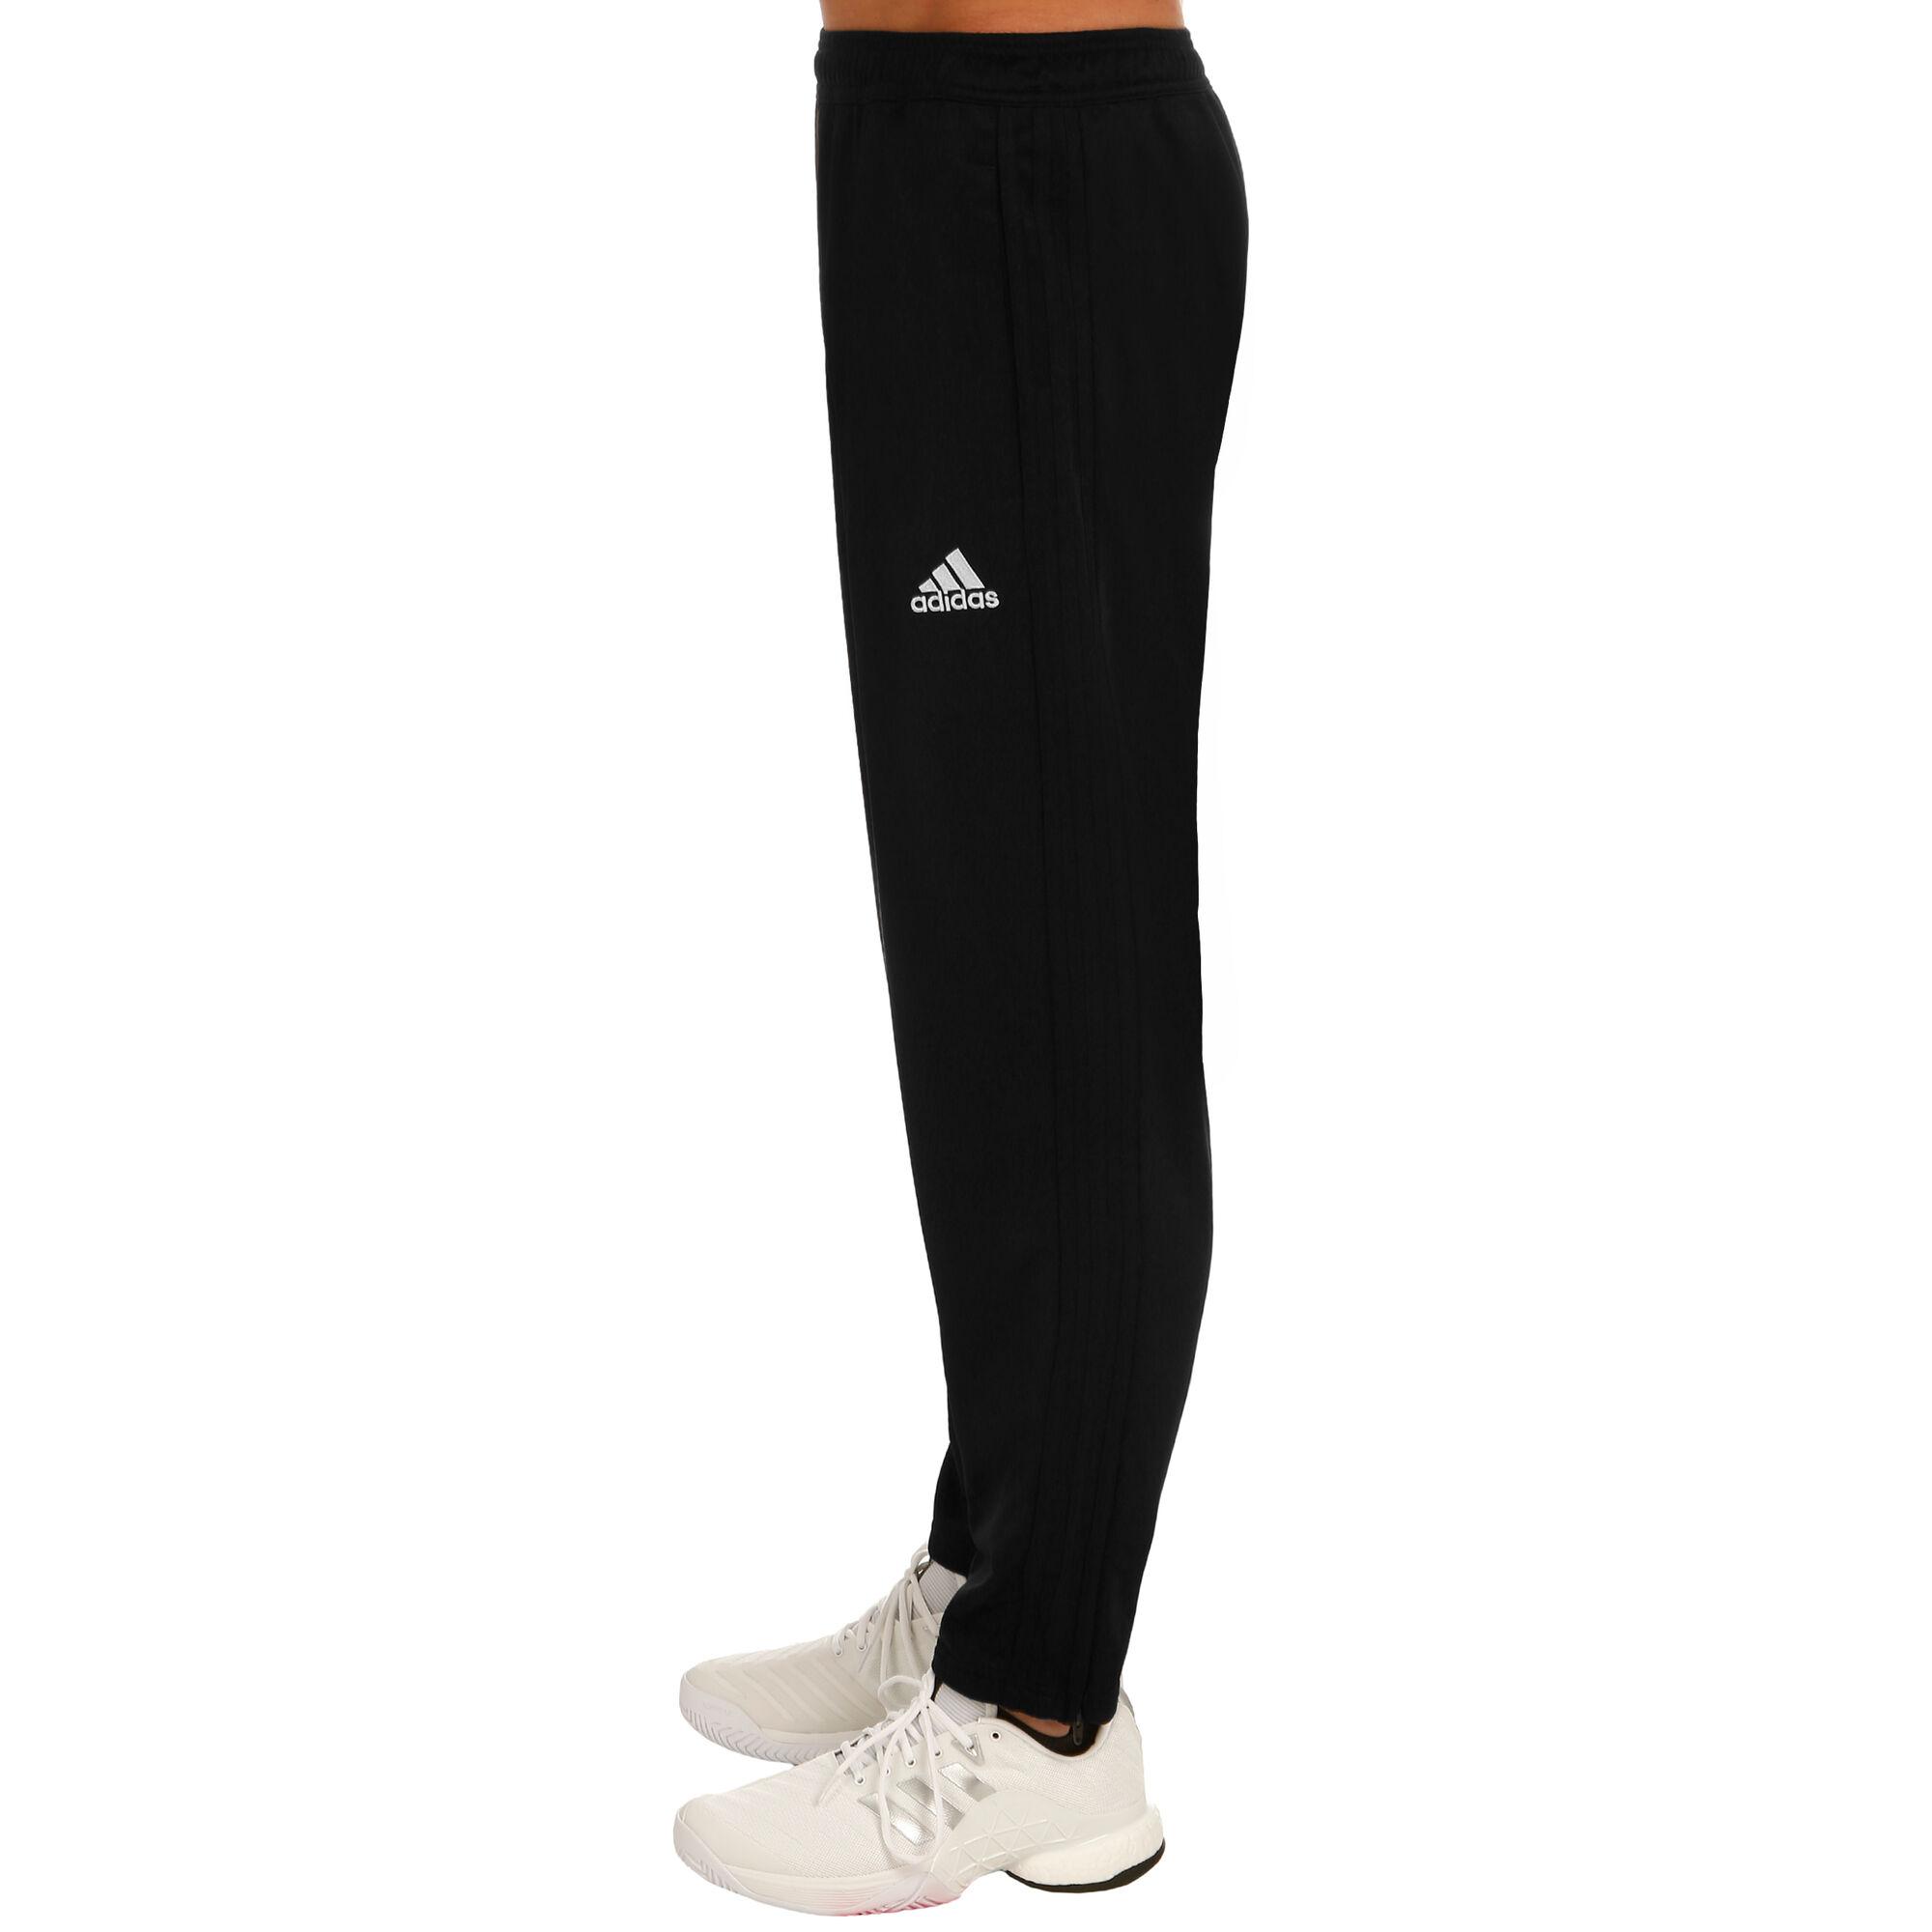 Adidas Condivo 12 Træningsbukser adidas condivo 18 træningsbukser herrer - sort, hvid køb online